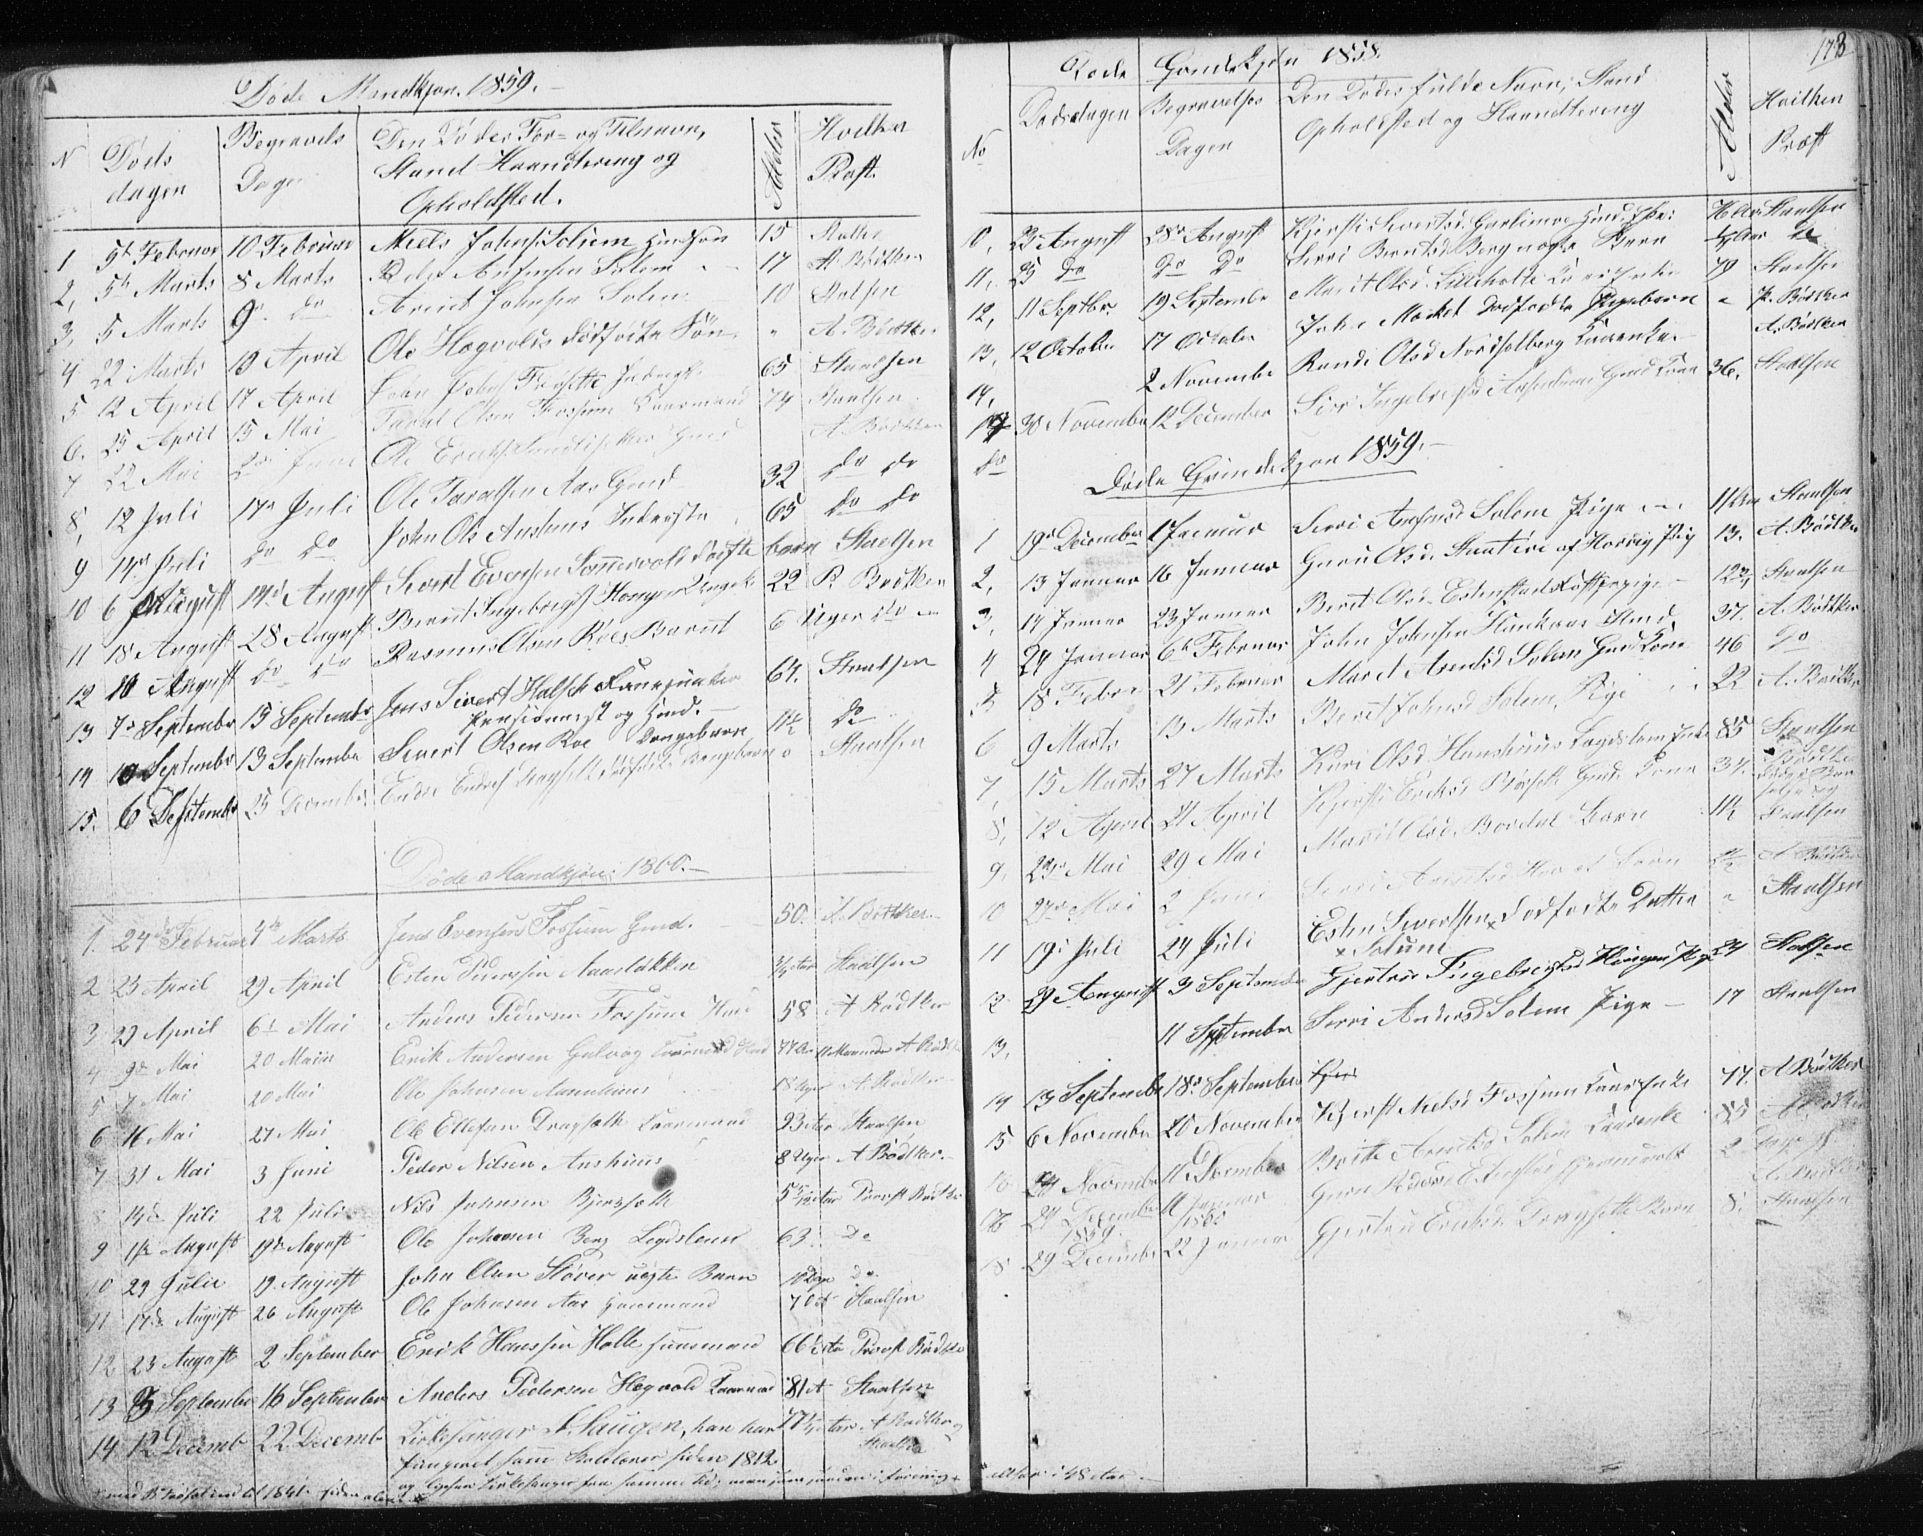 SAT, Ministerialprotokoller, klokkerbøker og fødselsregistre - Sør-Trøndelag, 689/L1043: Klokkerbok nr. 689C02, 1816-1892, s. 173